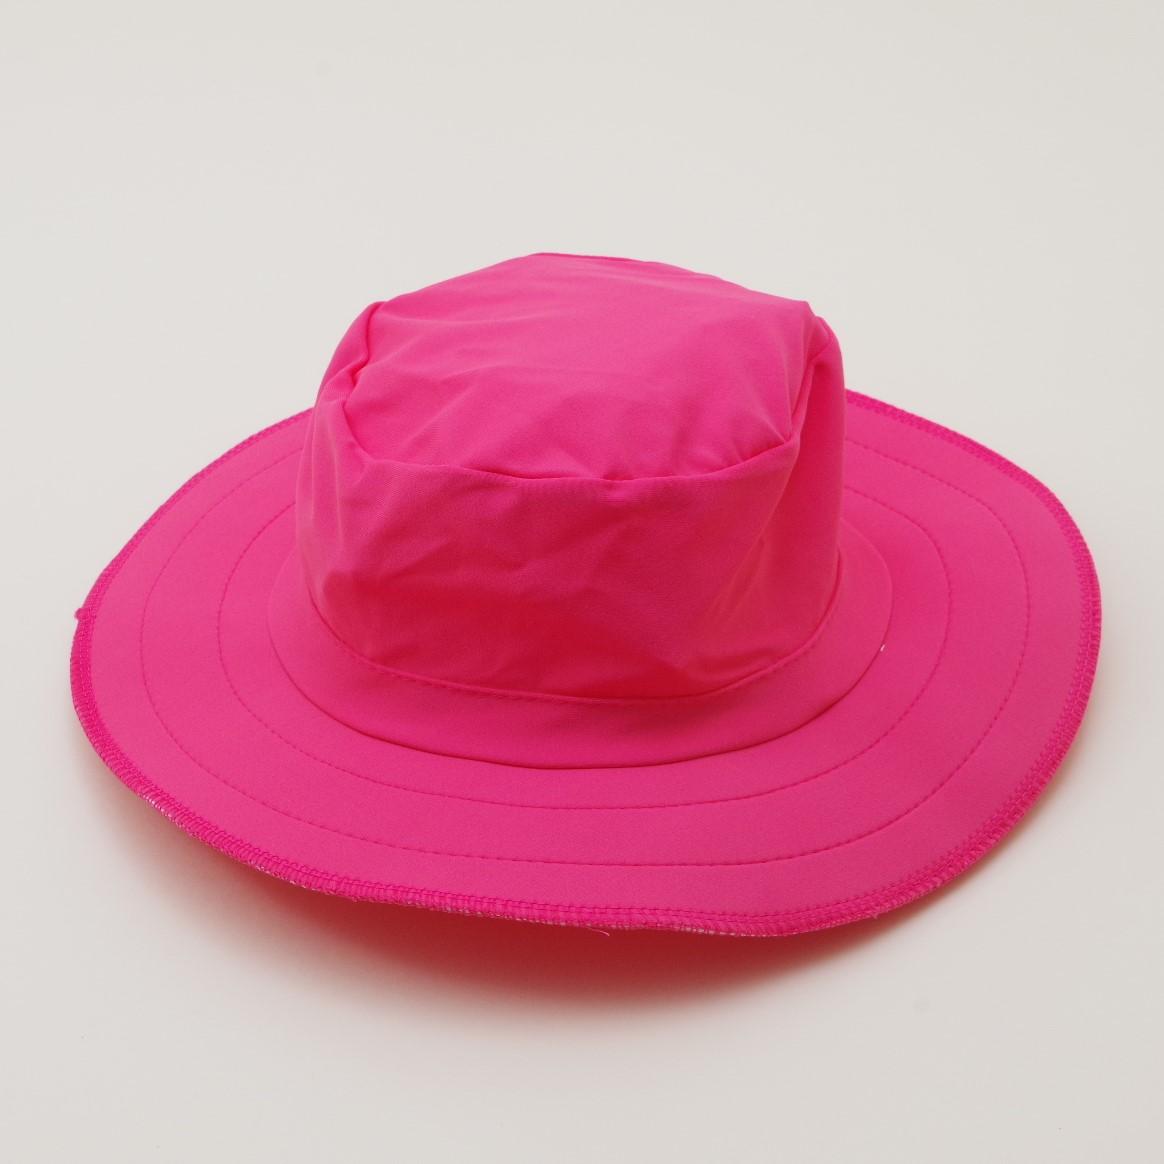 スイム ハット キッズ  水泳帽  ピンク (HAT-19-PK)